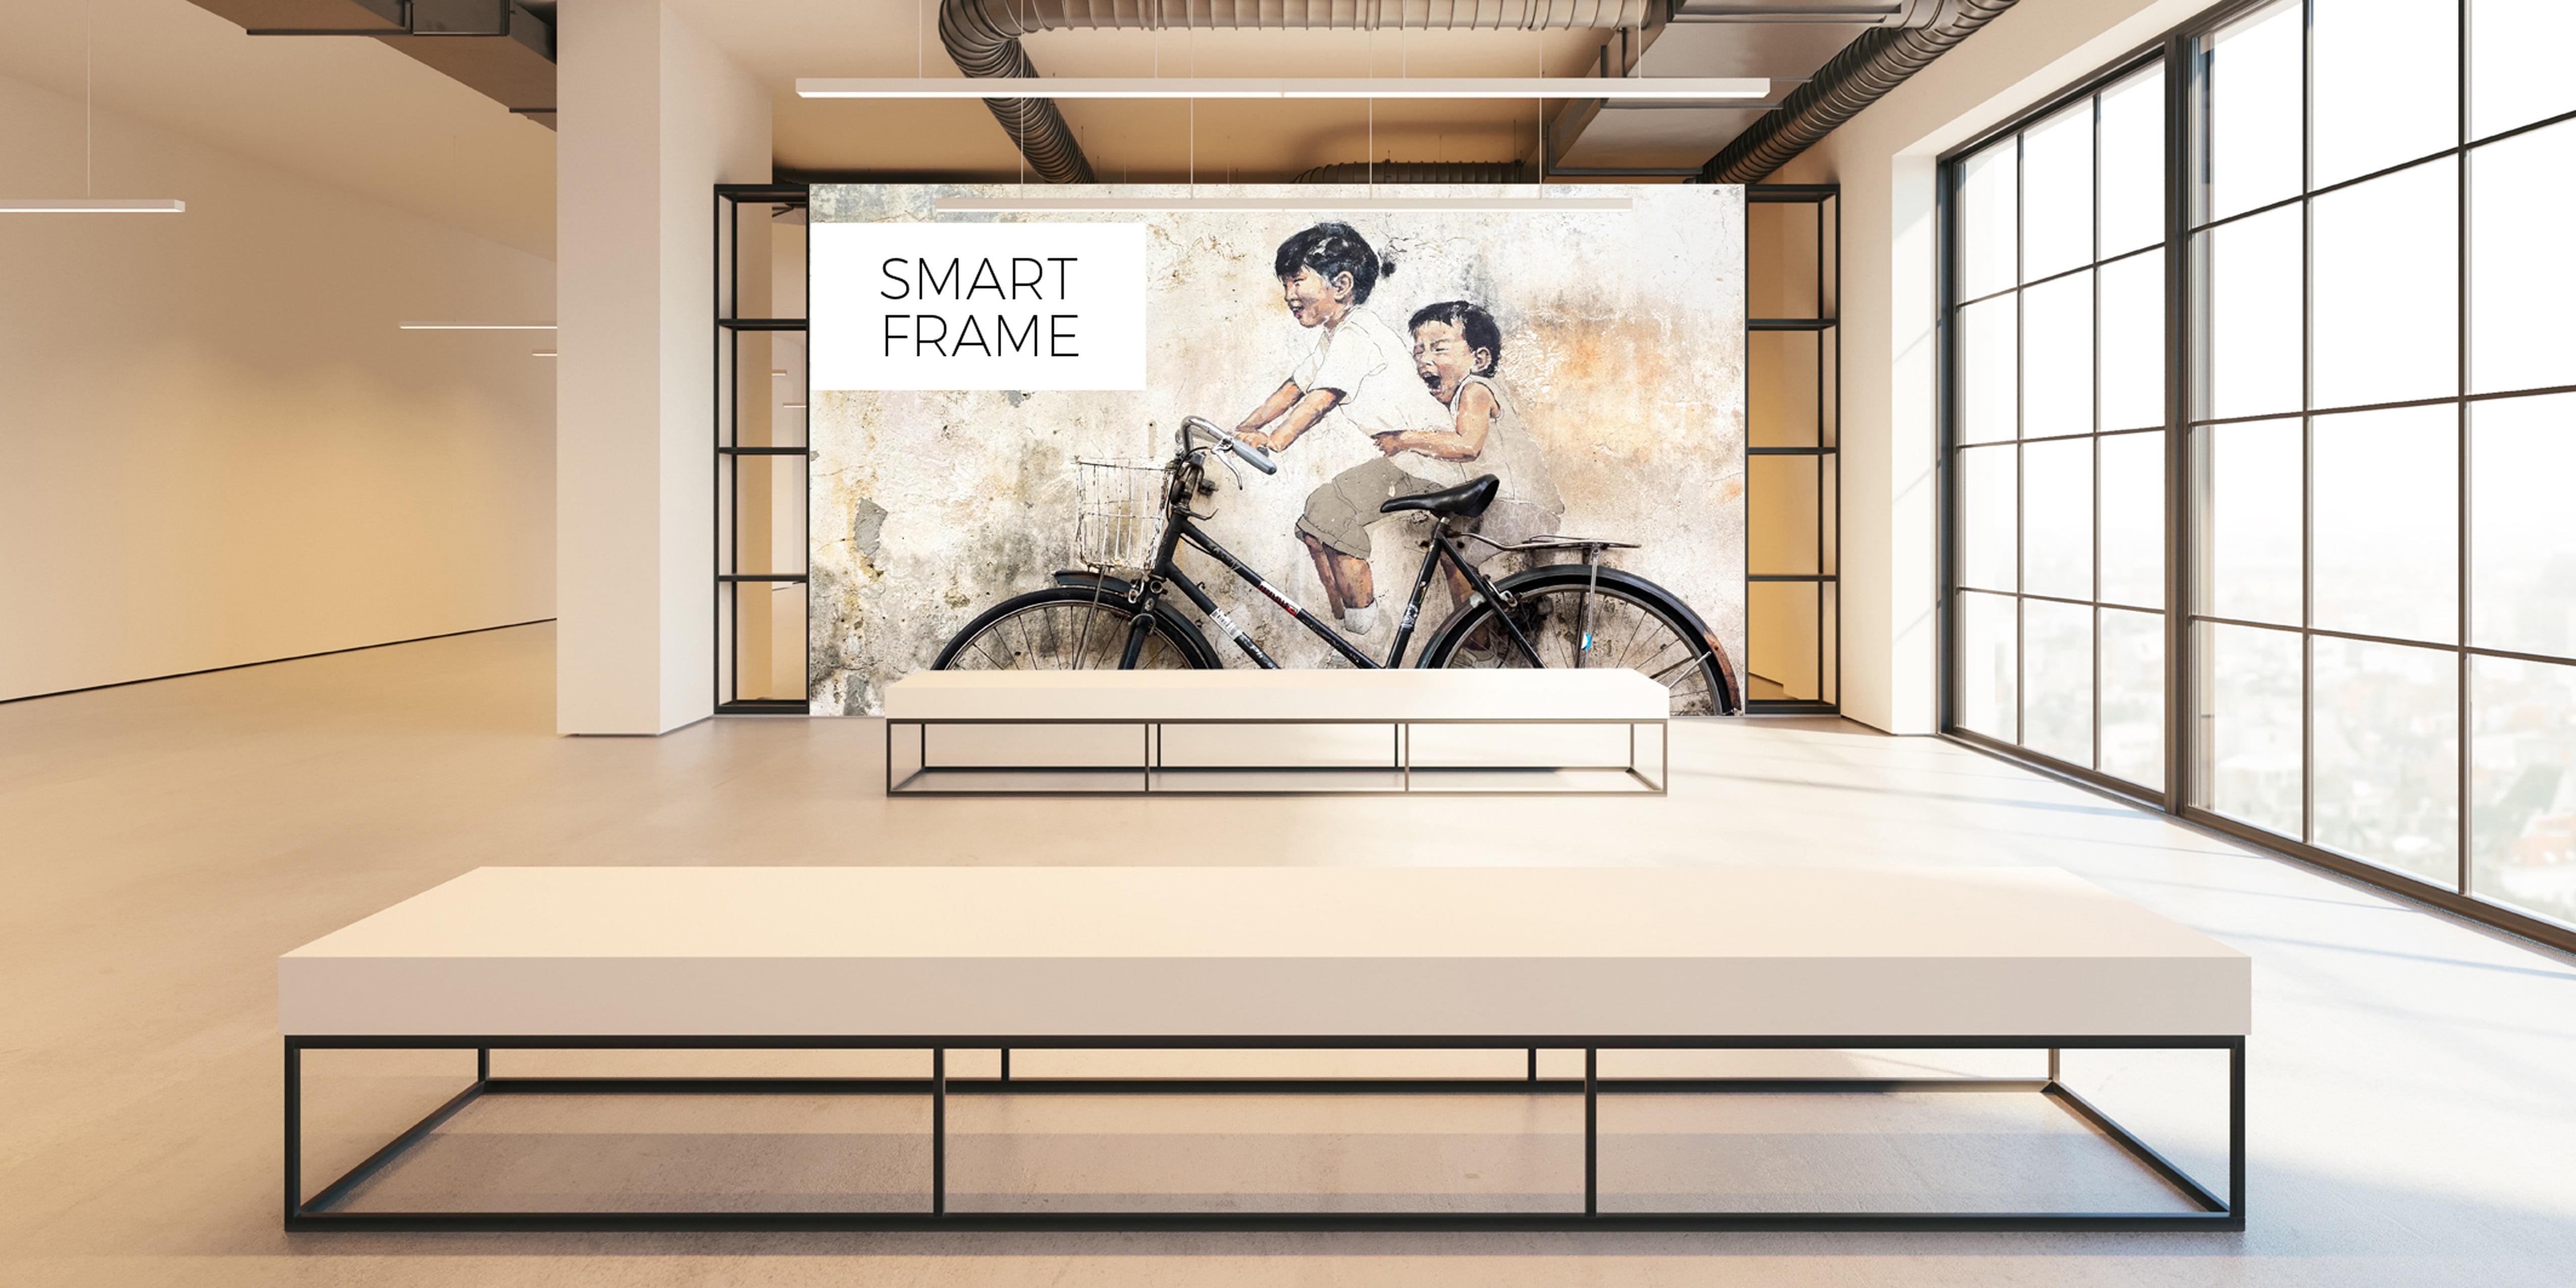 """Impressions toile/textile sur cadre """"Smart Frame"""""""